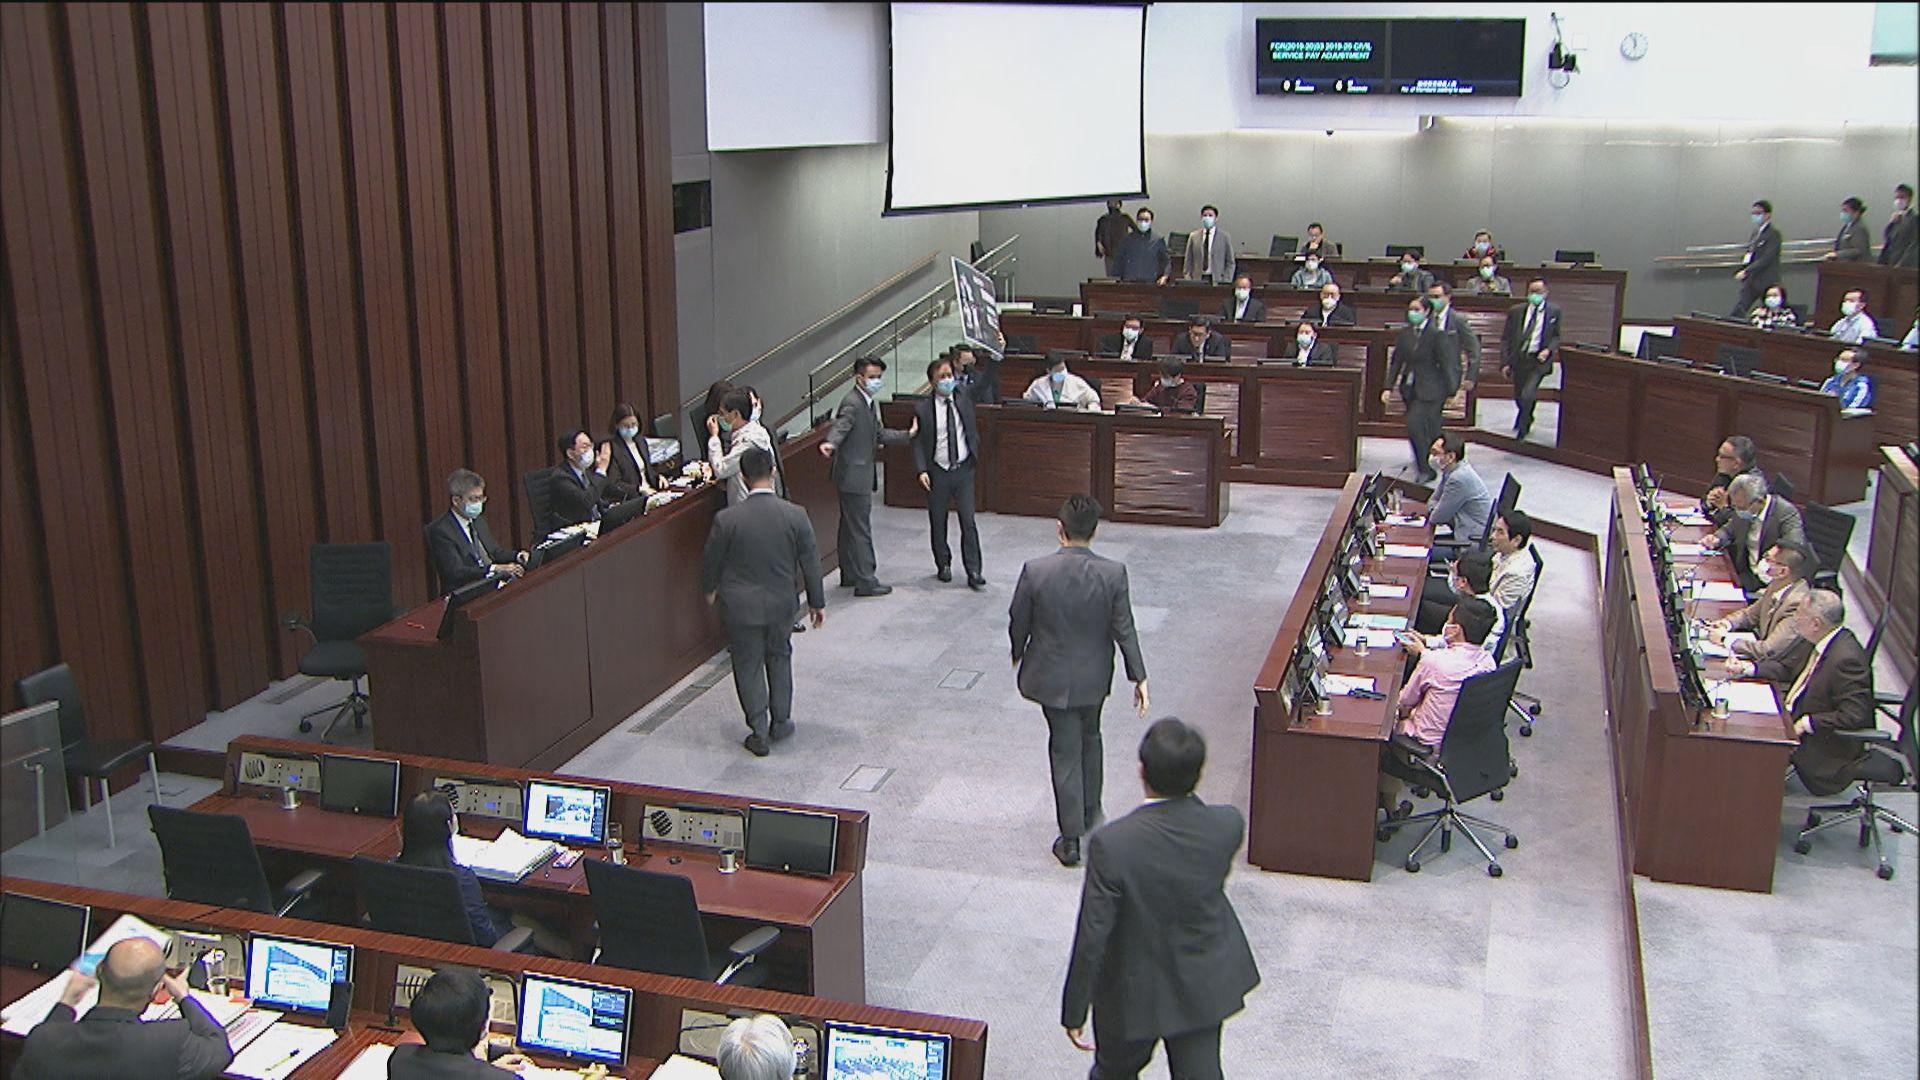 立法會財委會通過公務員加薪撥款 警隊續成討論焦點